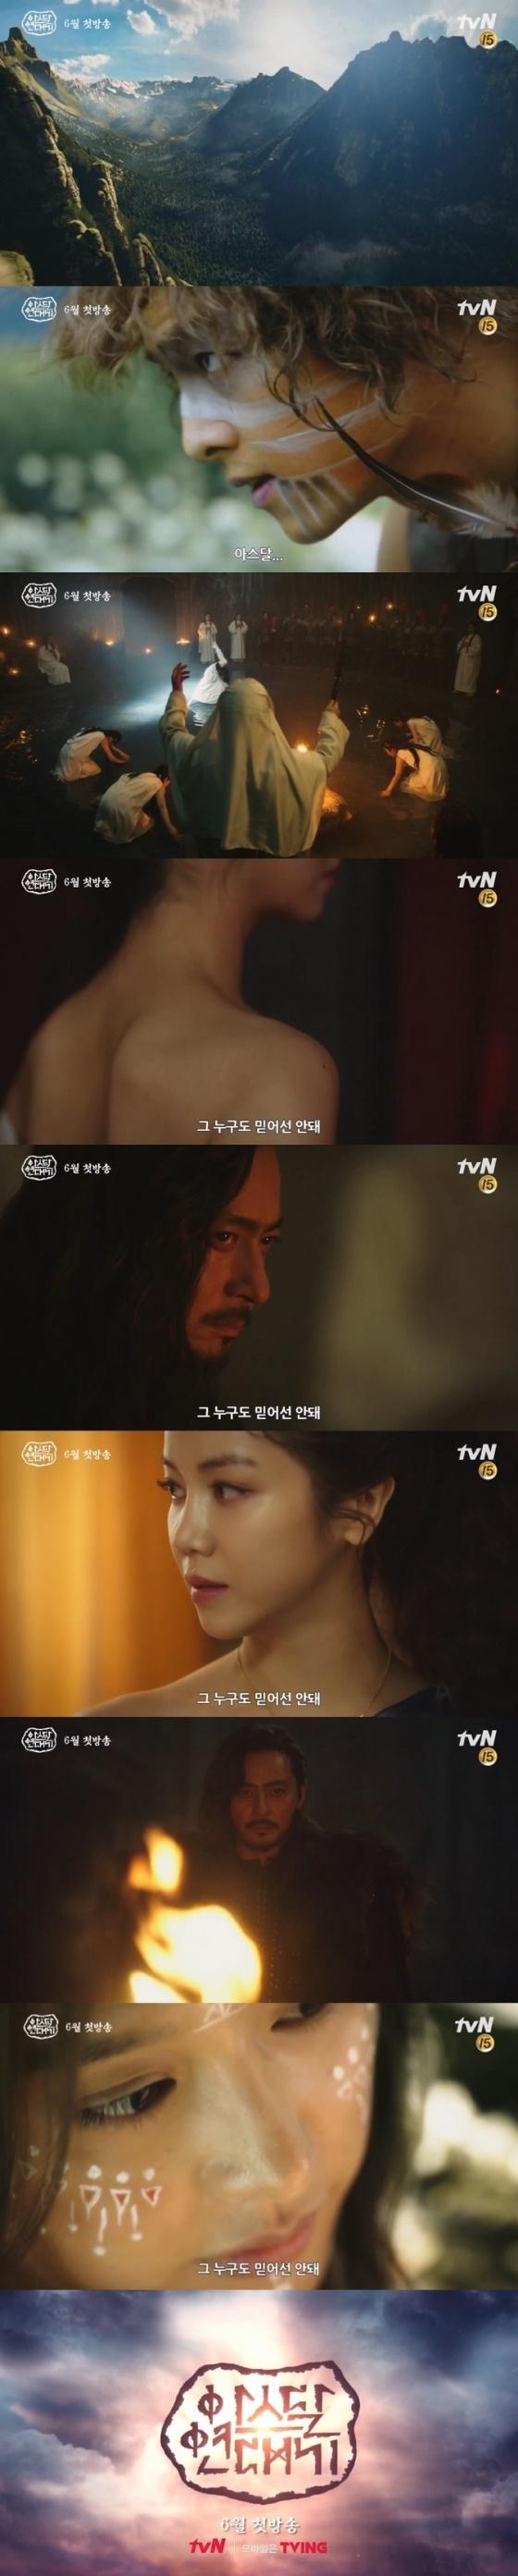 [단독]'아스달 연대기' 시즌3까지 제작 구상..역대급 大세계관